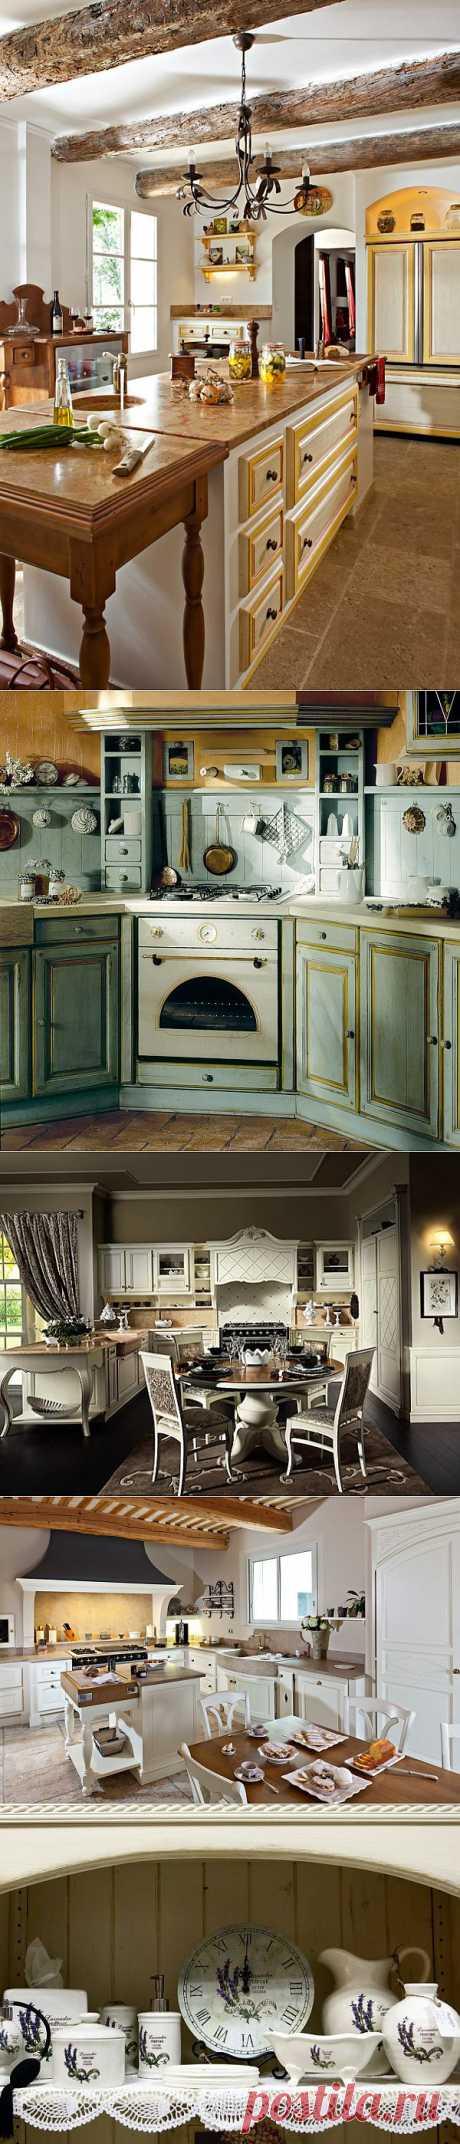 Дизайн кухни в стиле прованс | Официальный сайт дизайнера Галины Татаровой Design Club